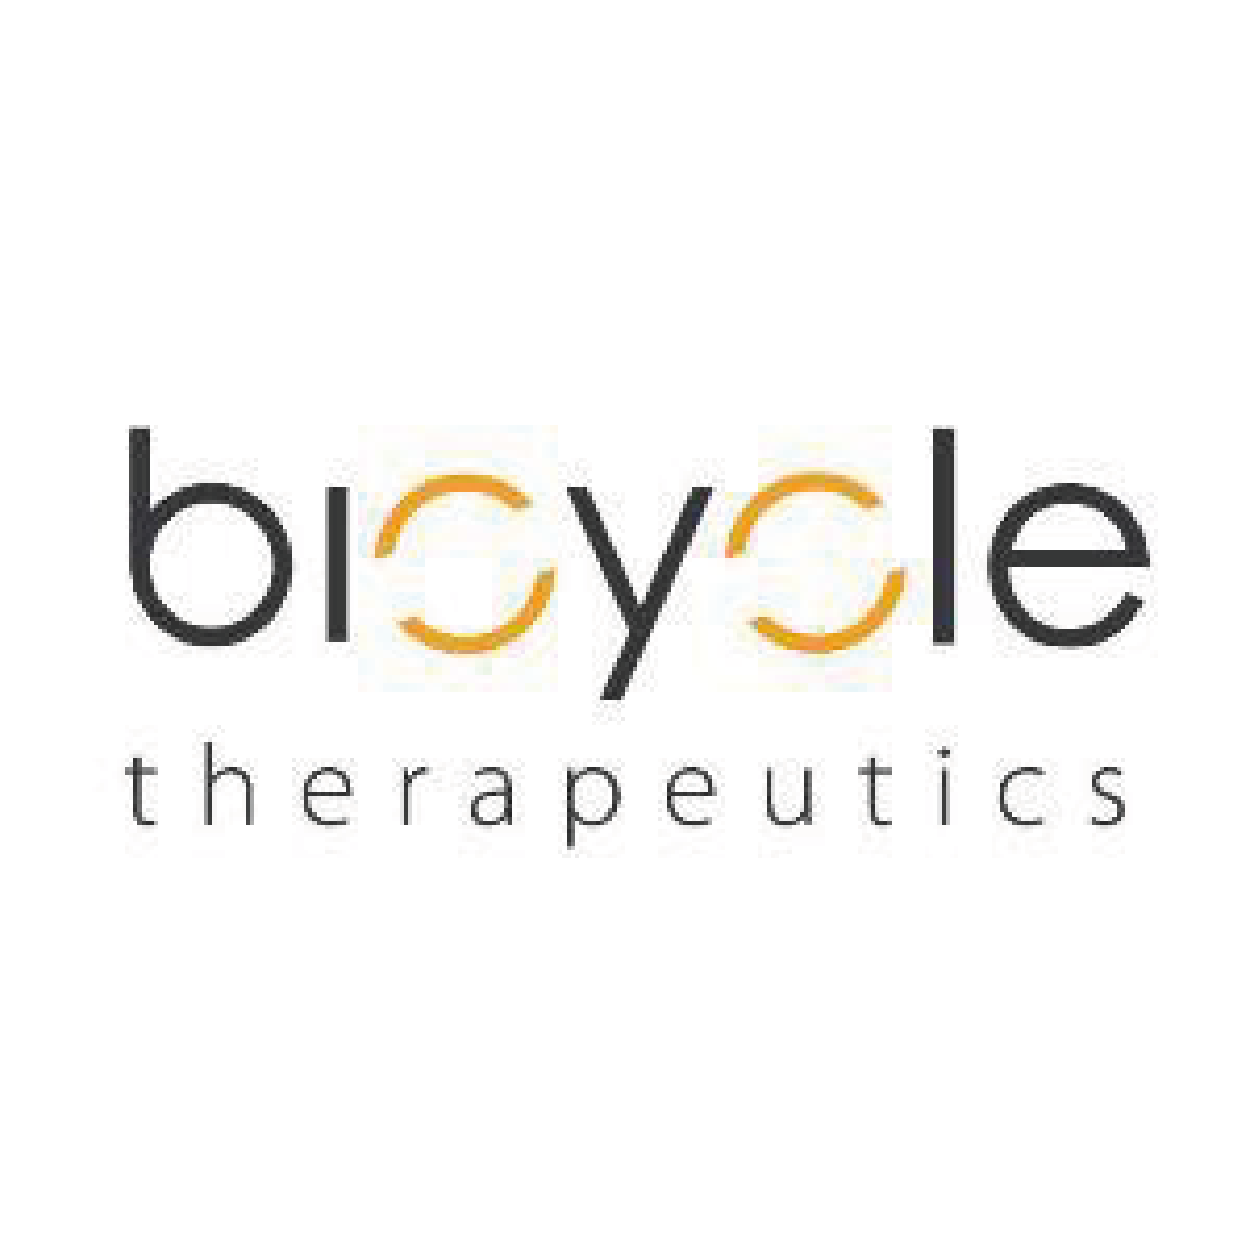 Bicycle Therapeutics